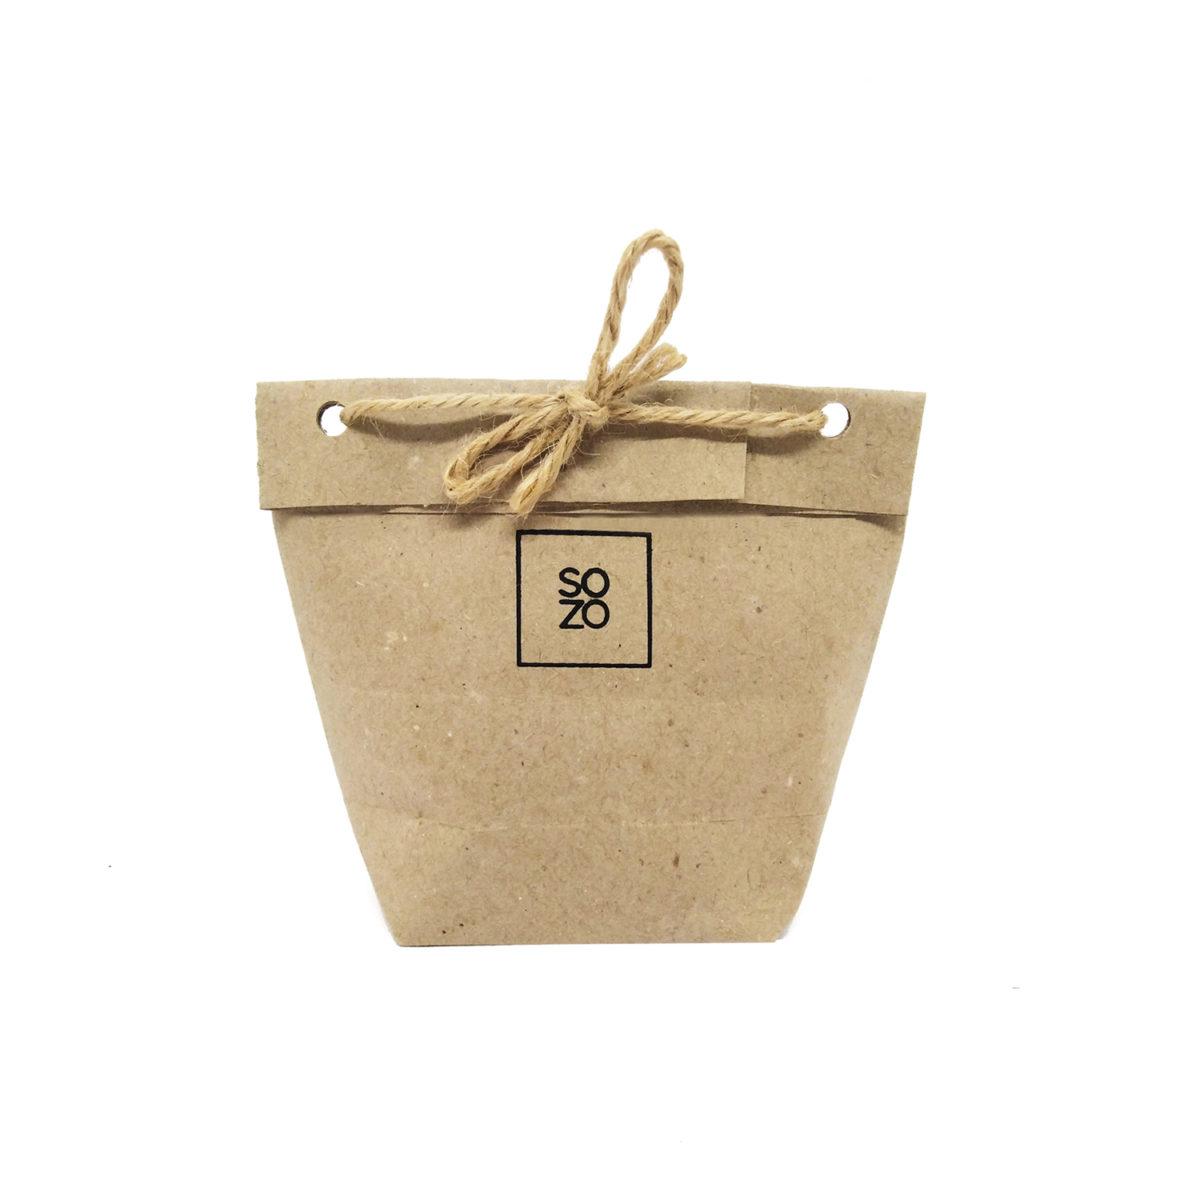 packaging des bijoux de sozo en kraft